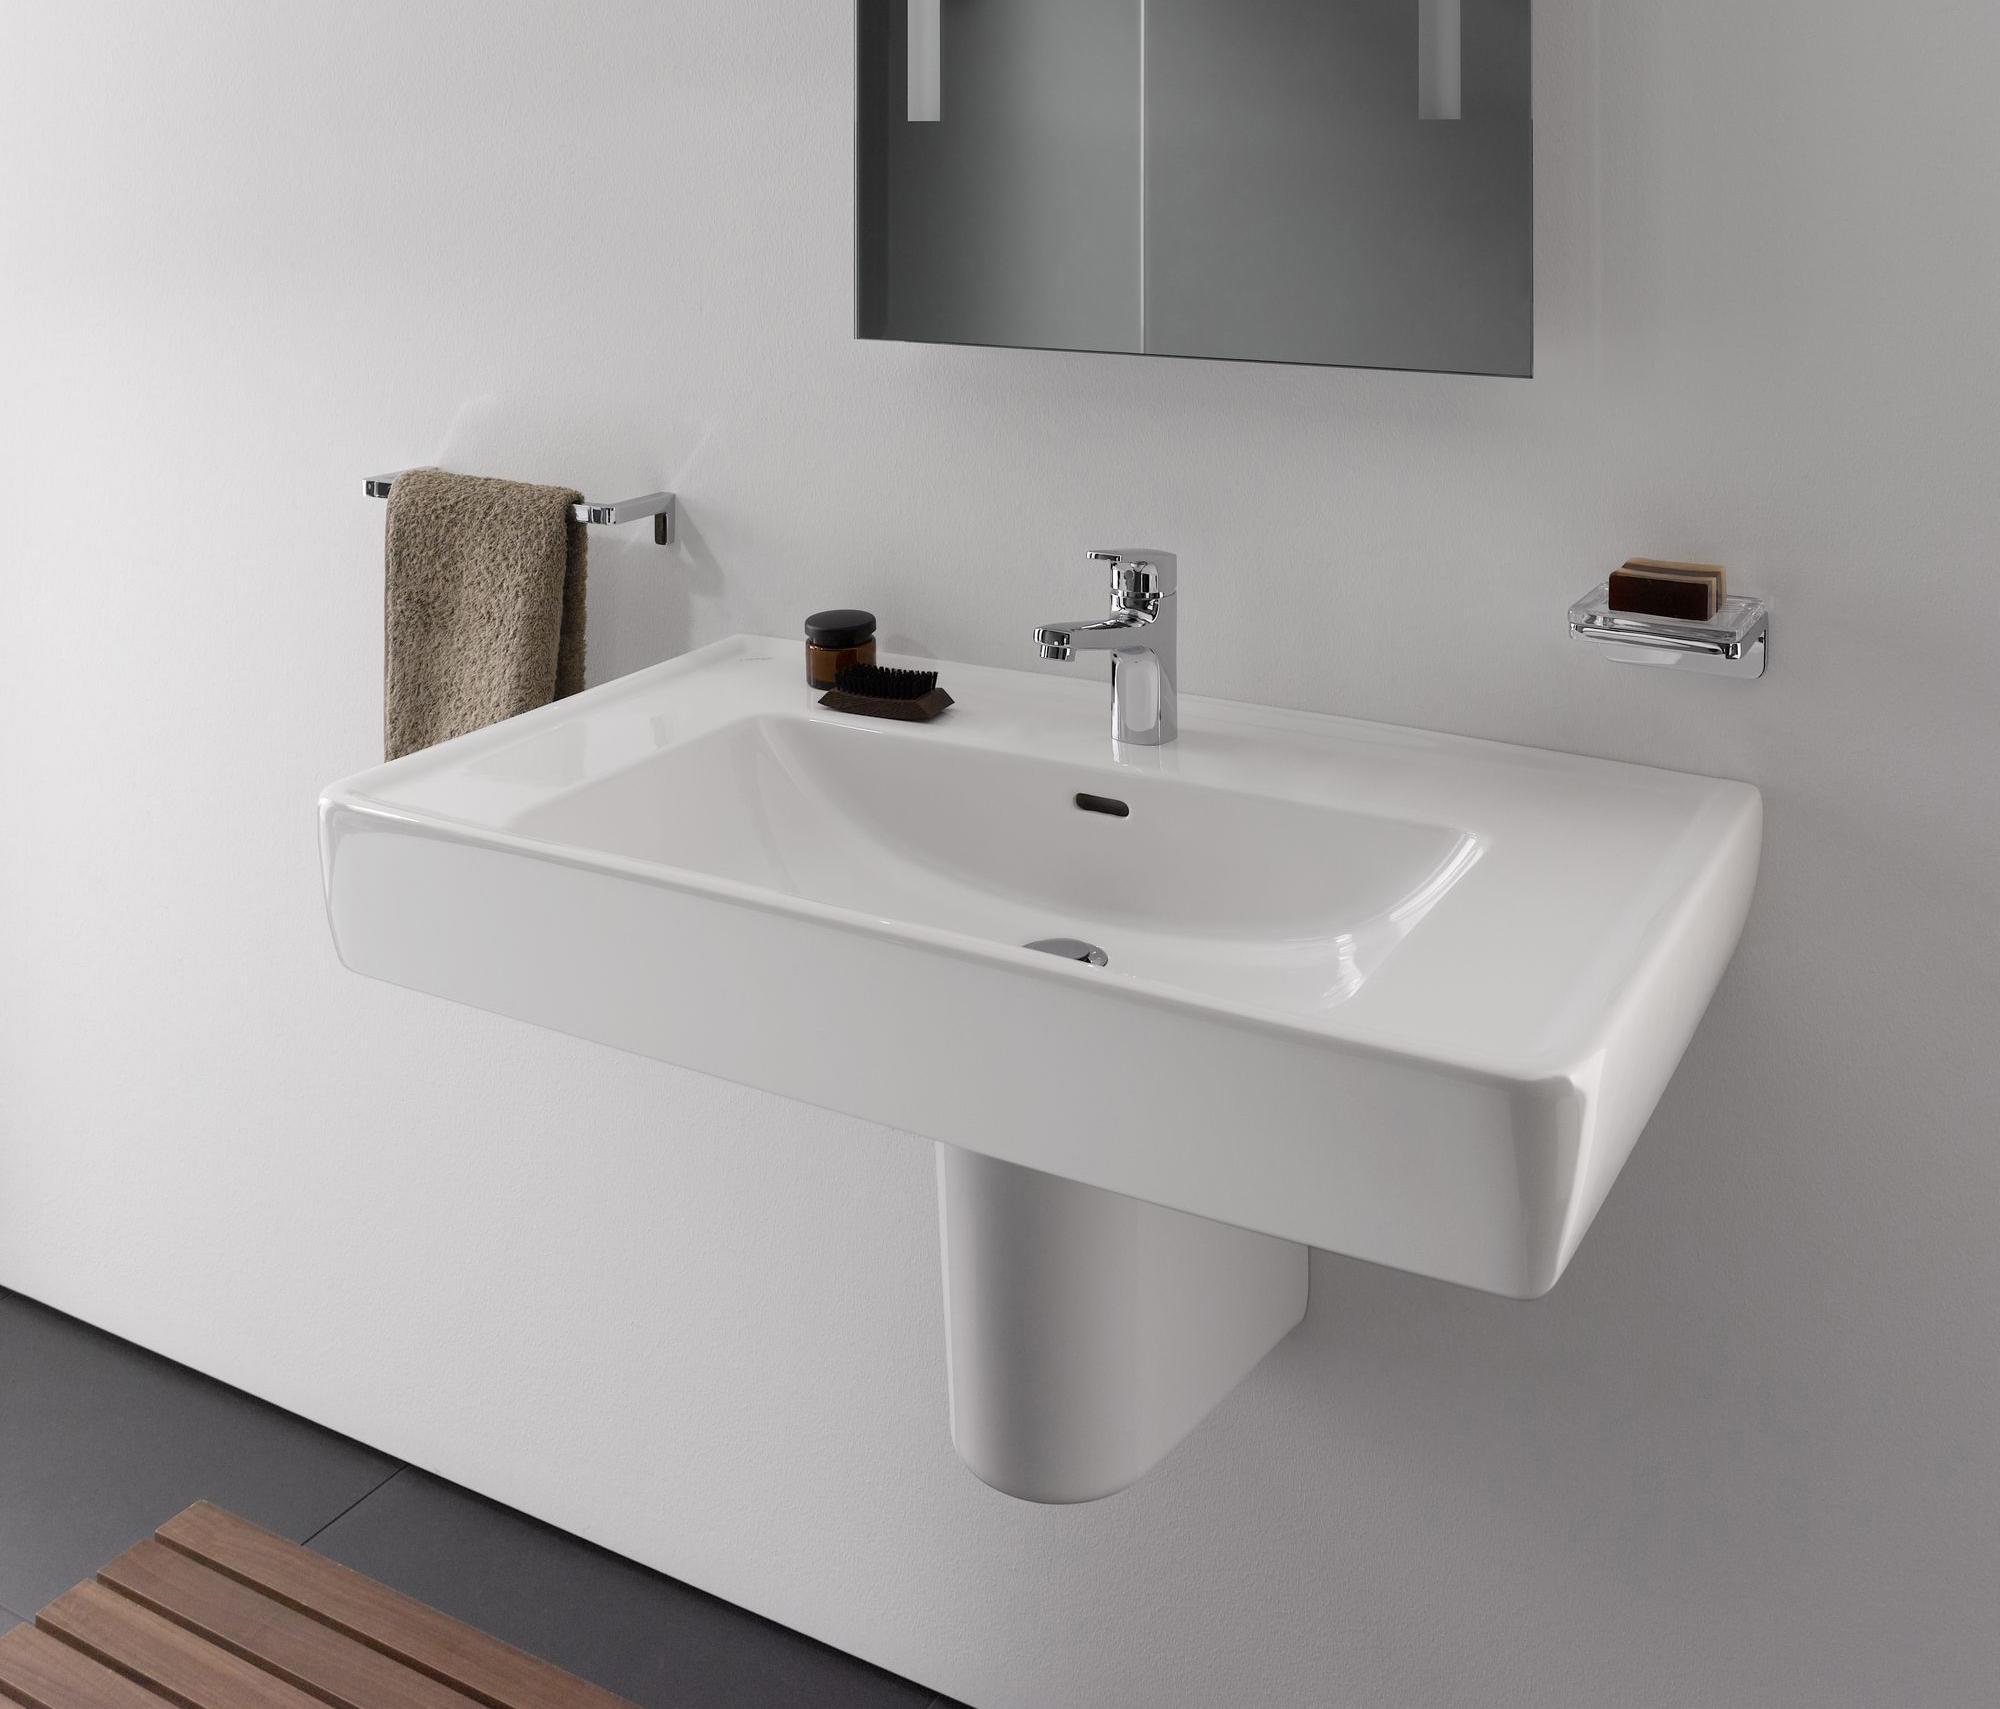 laufen pro a waschtisch schale waschtische von laufen. Black Bedroom Furniture Sets. Home Design Ideas